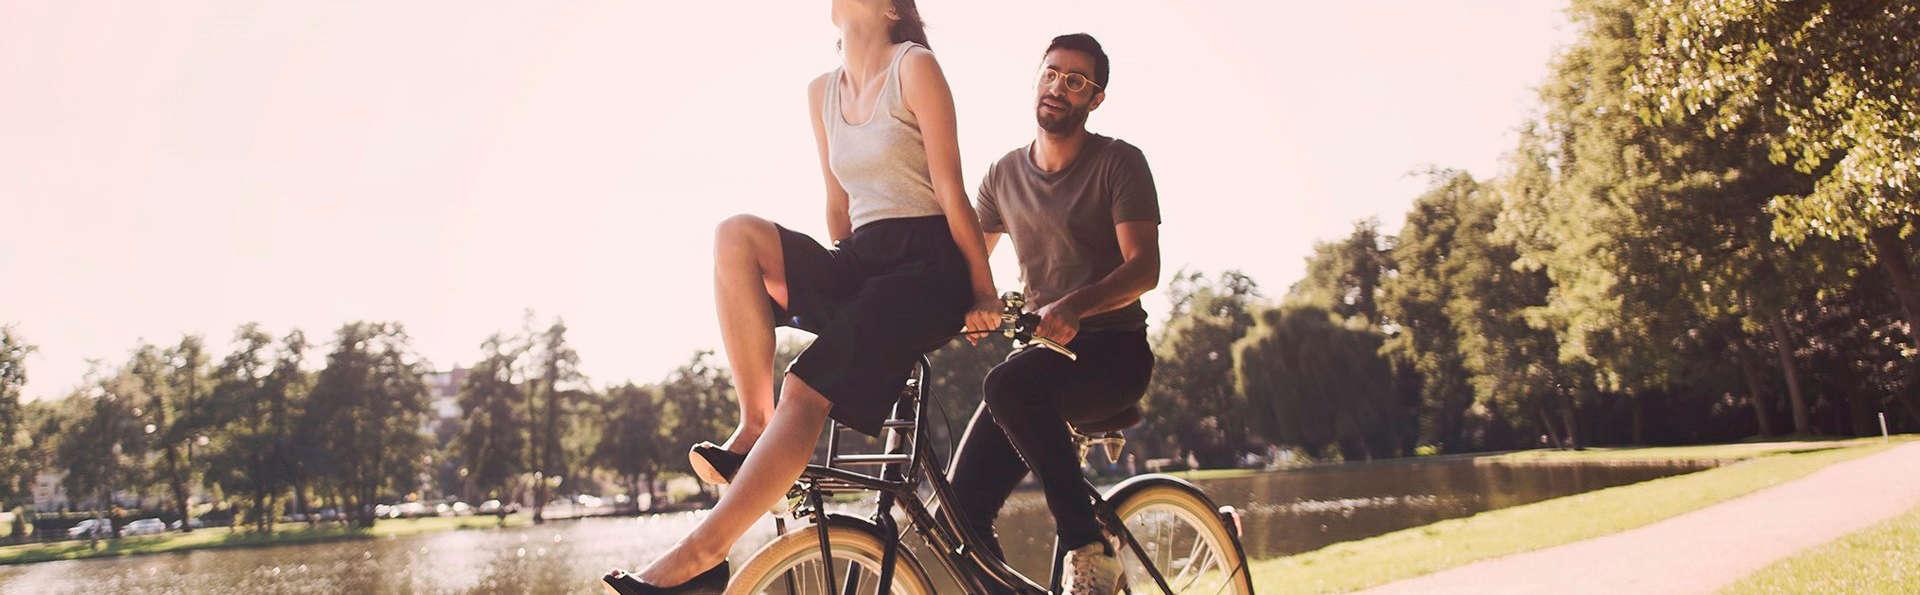 Ontdek de mooie omgeving van Maaseik op de fiets